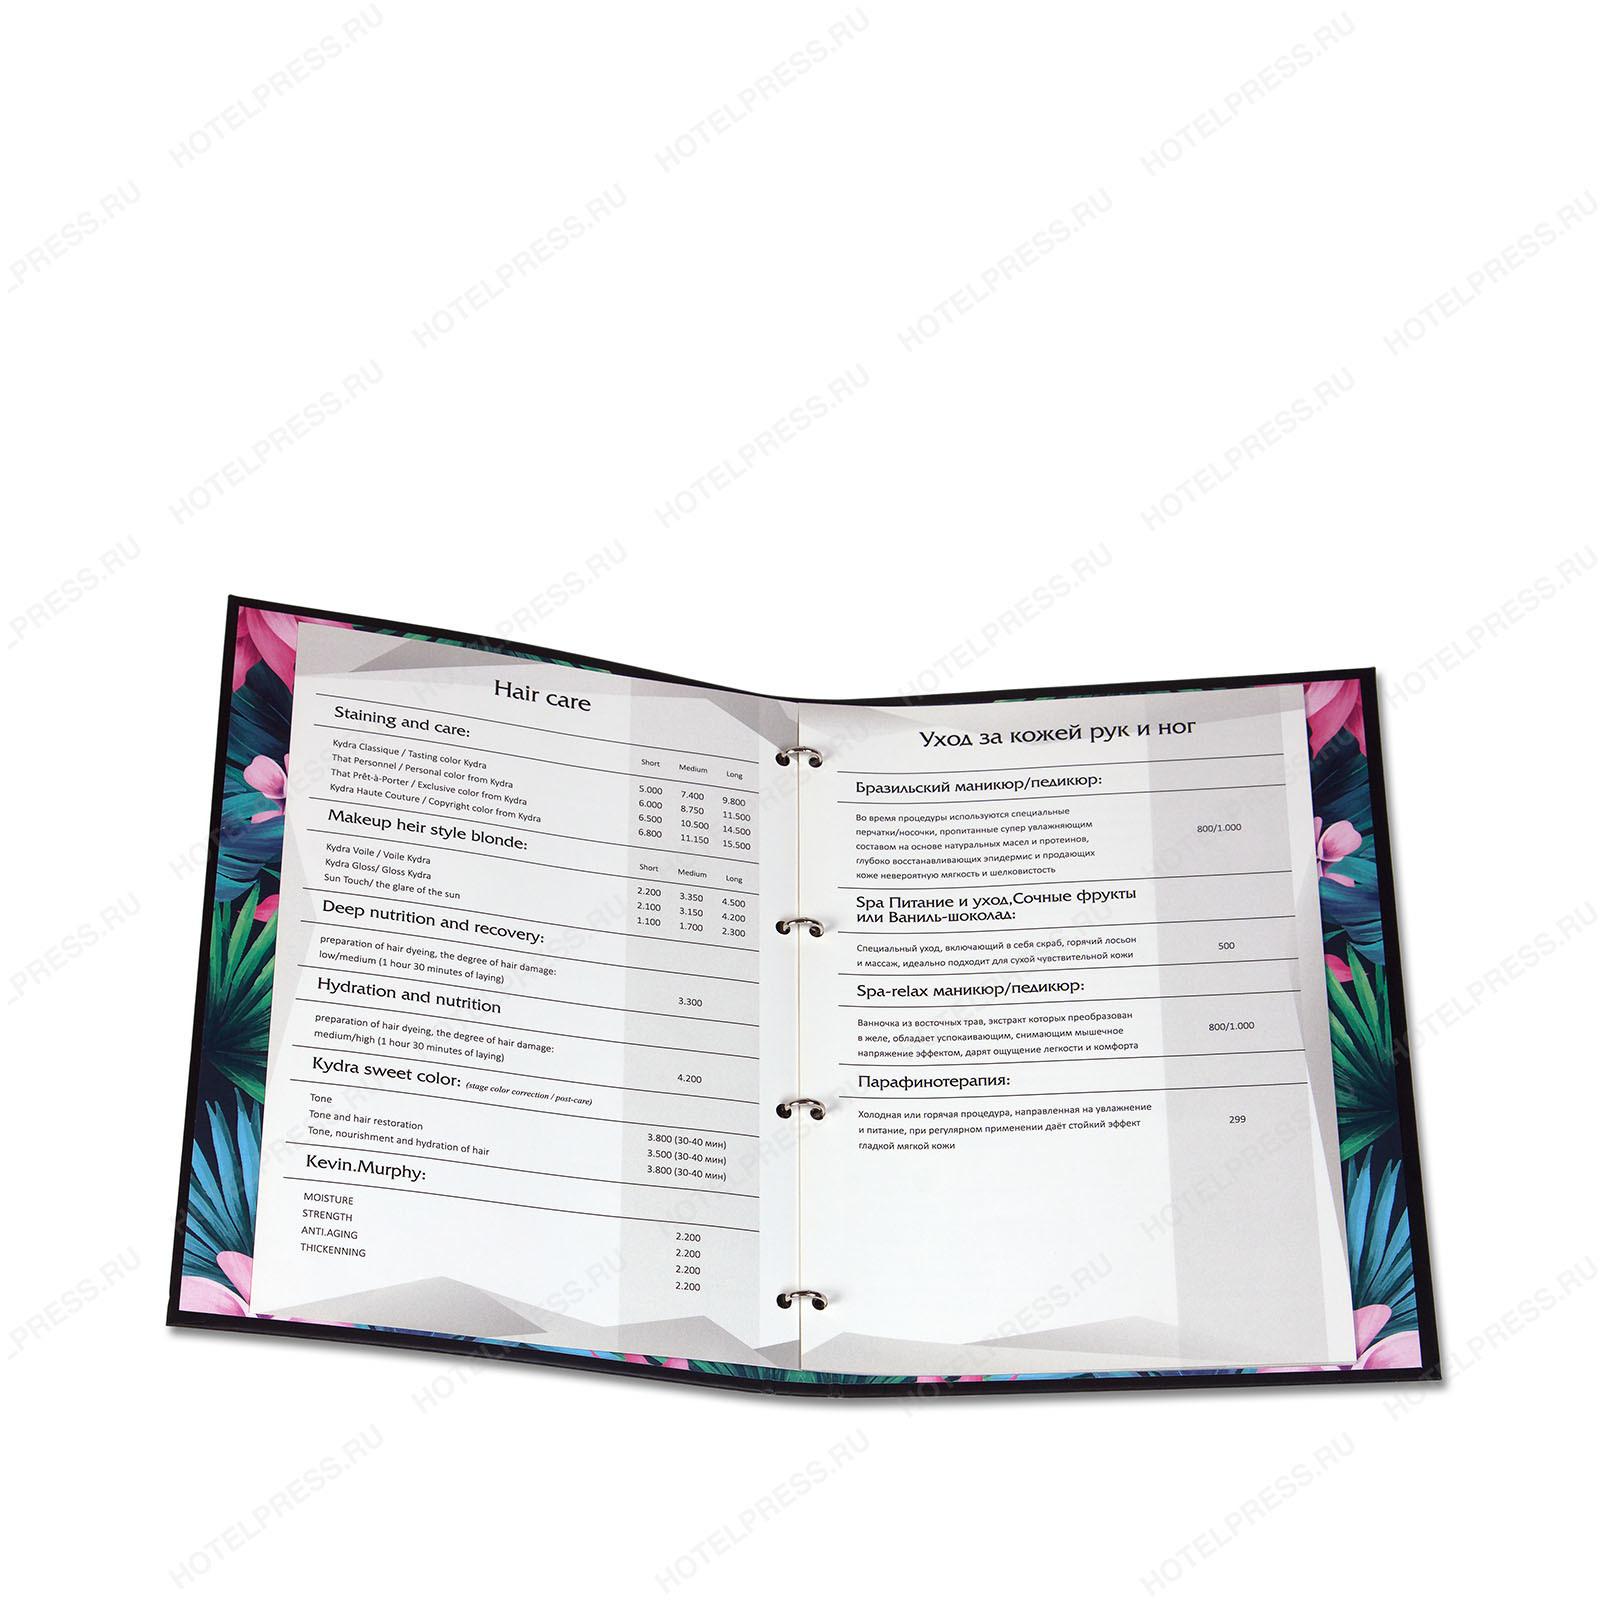 Прайс лист салона красоты с тиснением логотипа и нанесением паттрена УФ лаком